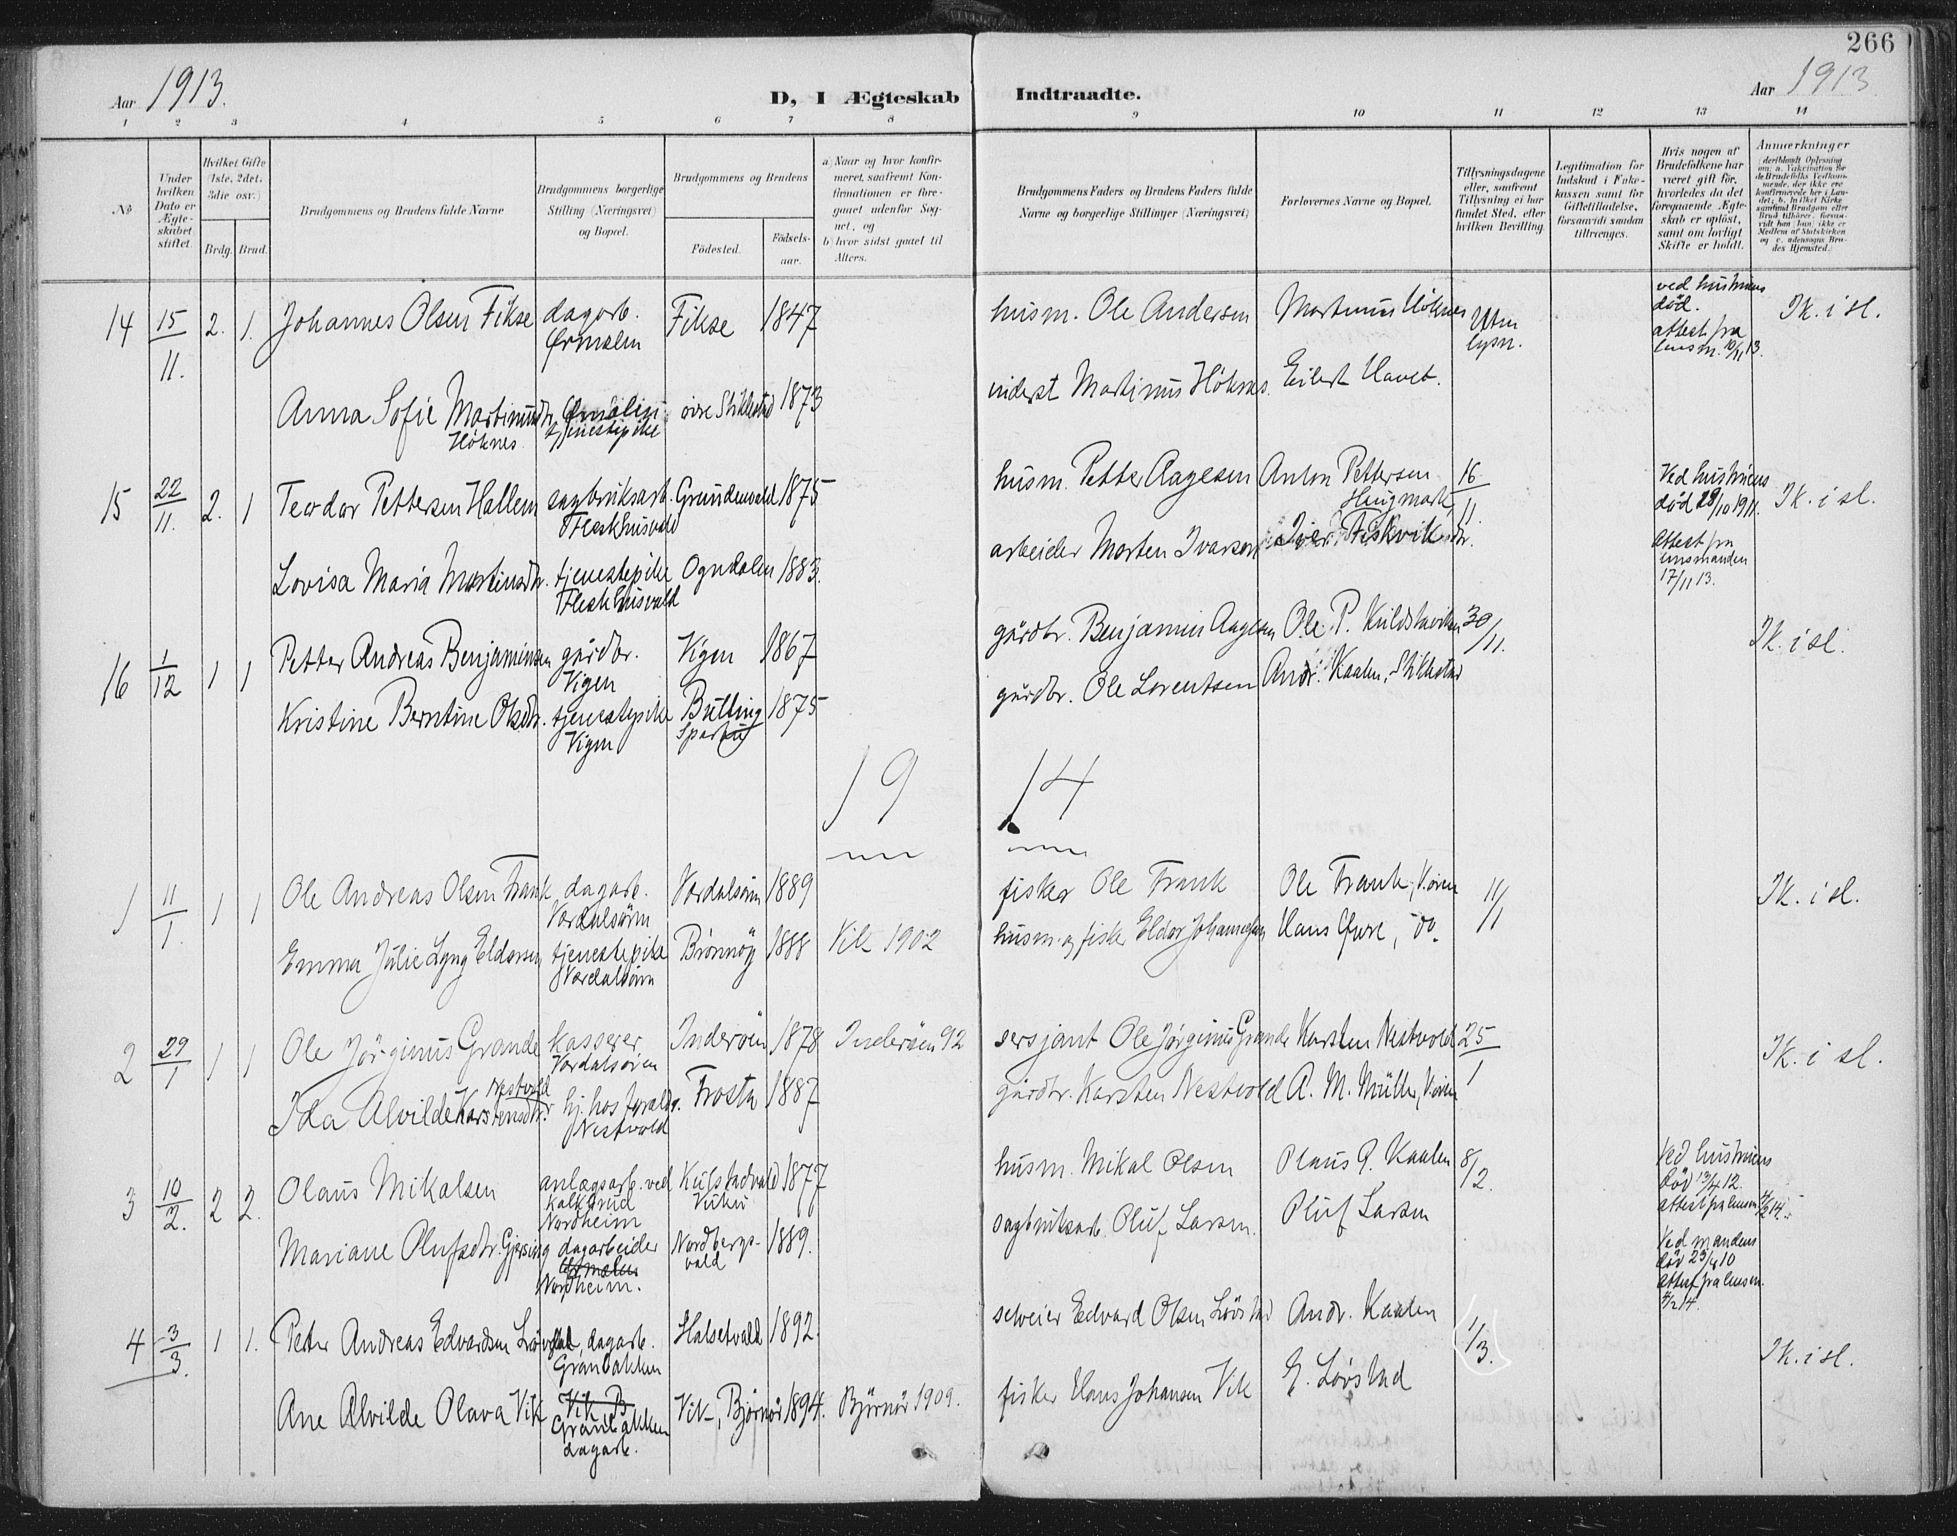 SAT, Ministerialprotokoller, klokkerbøker og fødselsregistre - Nord-Trøndelag, 723/L0246: Ministerialbok nr. 723A15, 1900-1917, s. 266